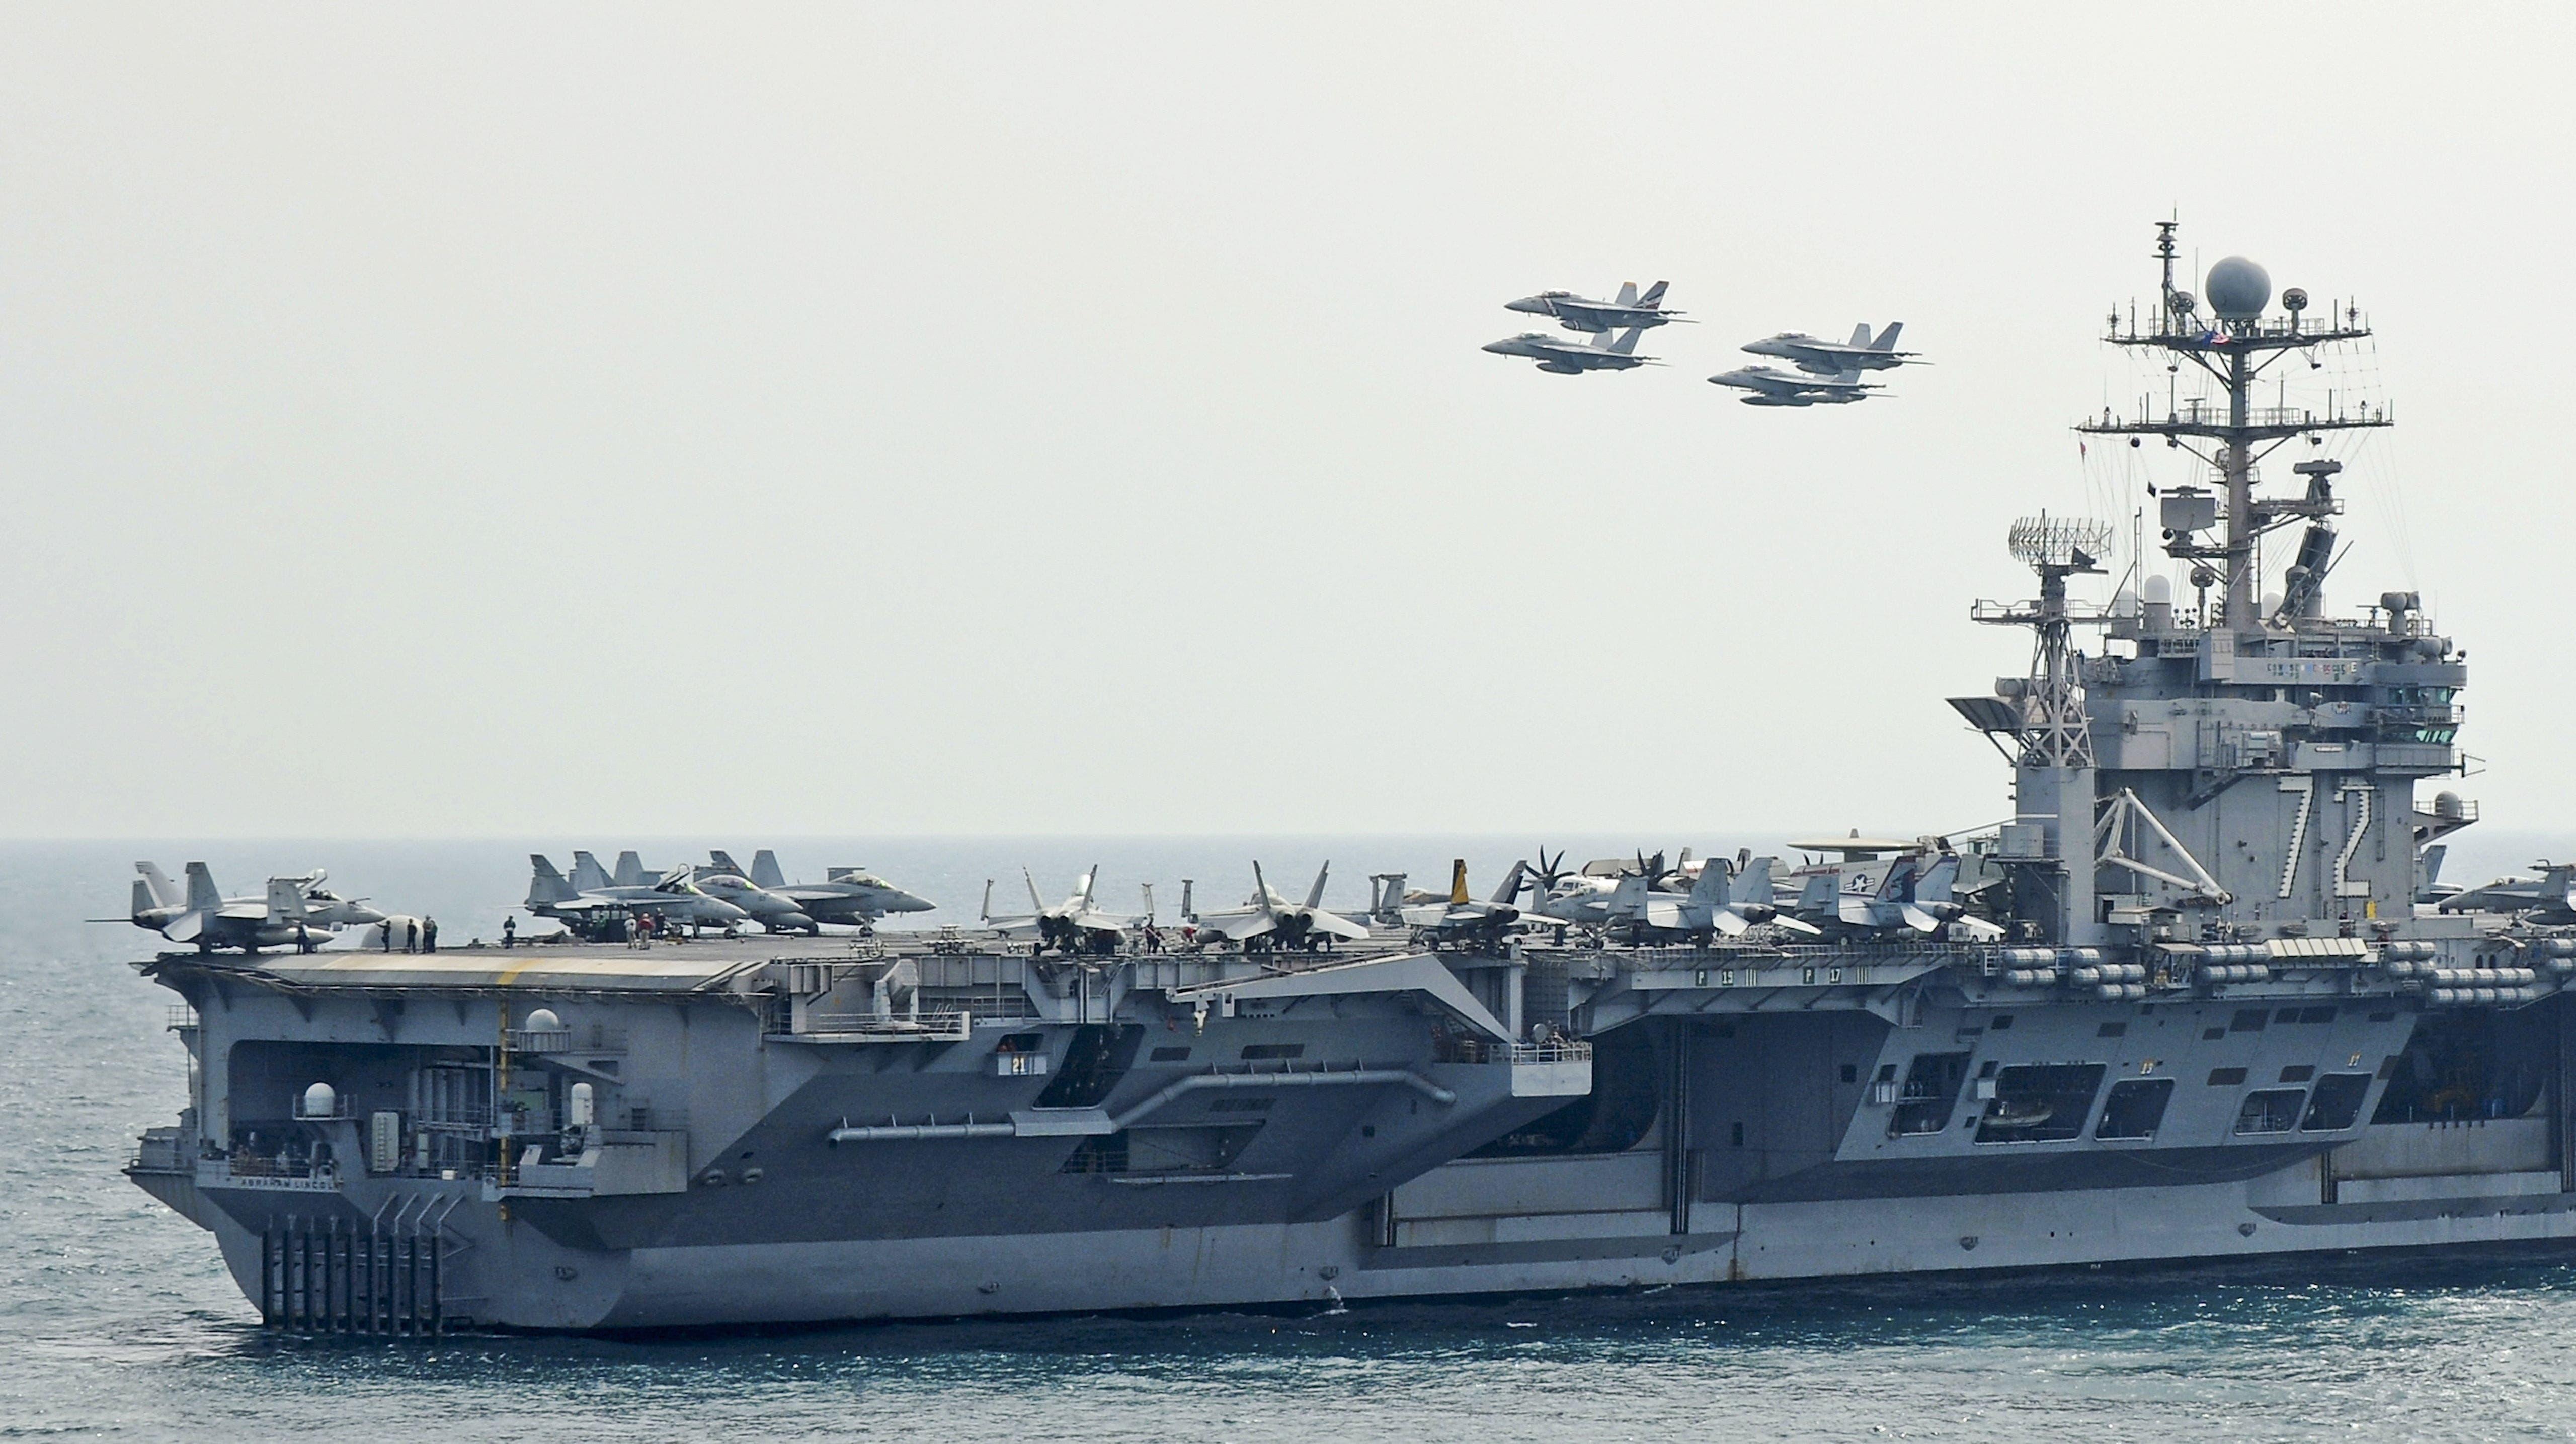 EEUU despliega grupo aeronaval en Oriente Medio por amenazas de Irán